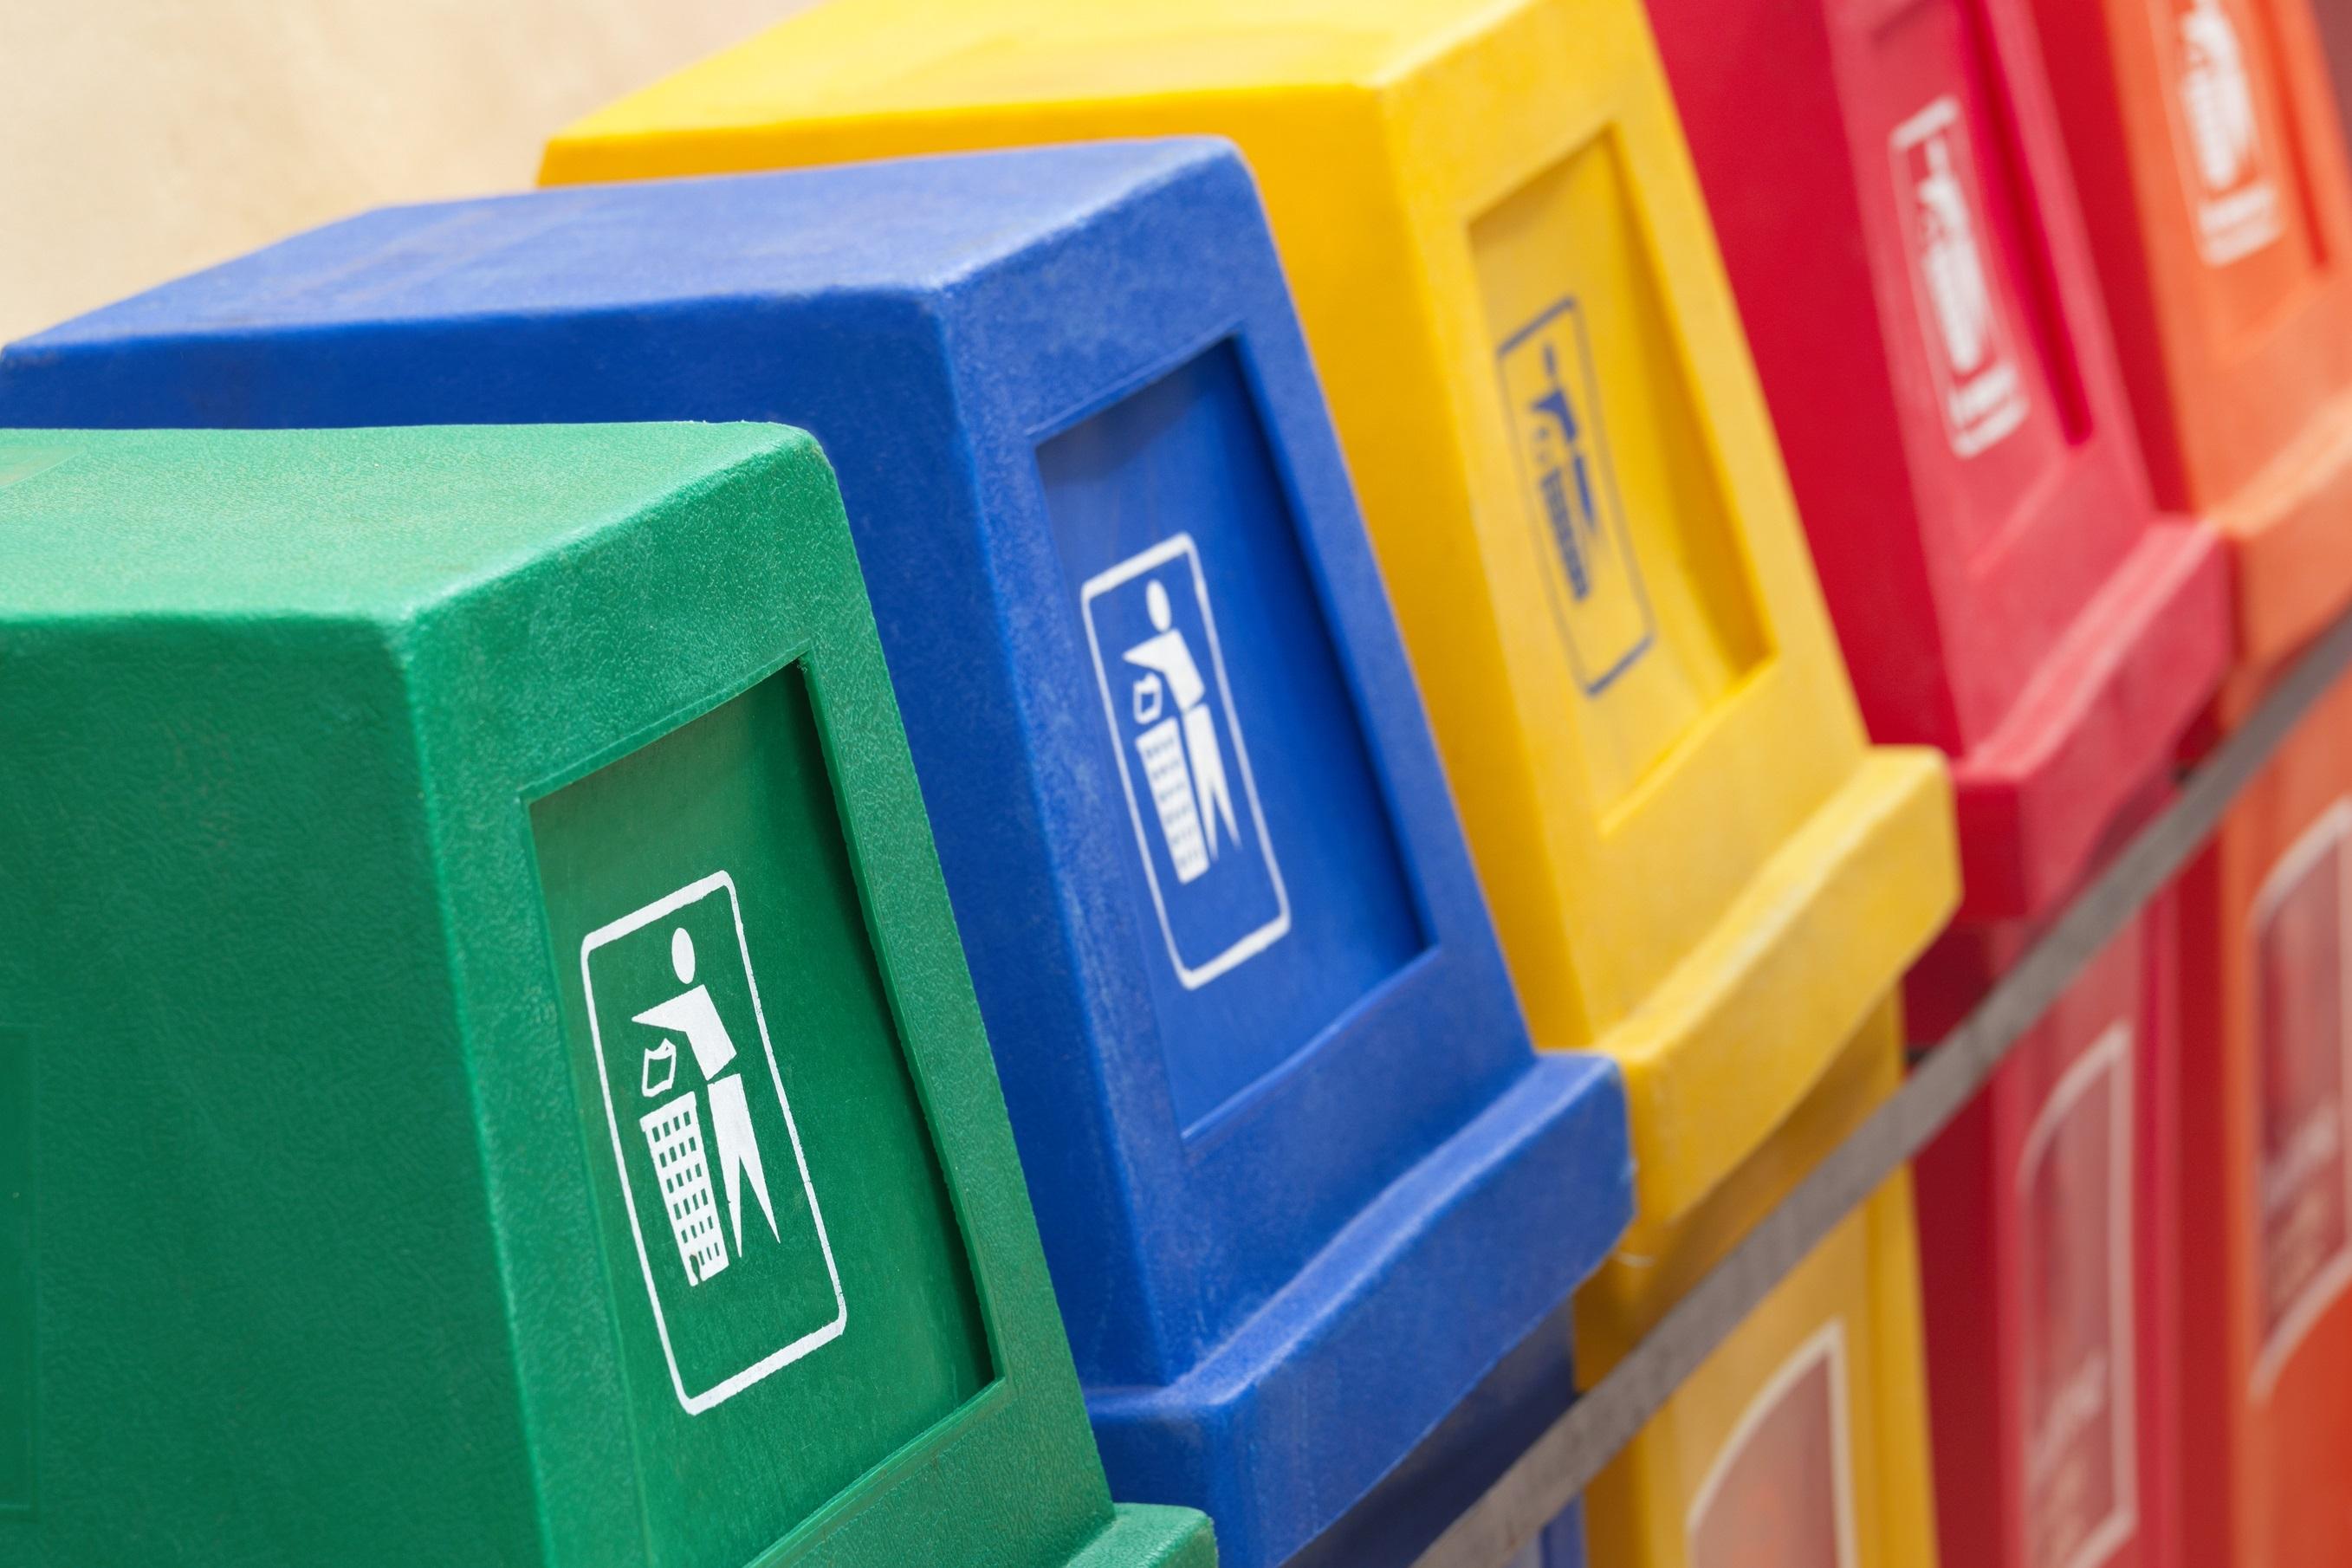 Златните боклуци край нас или що е то рециклиране на отпадъци